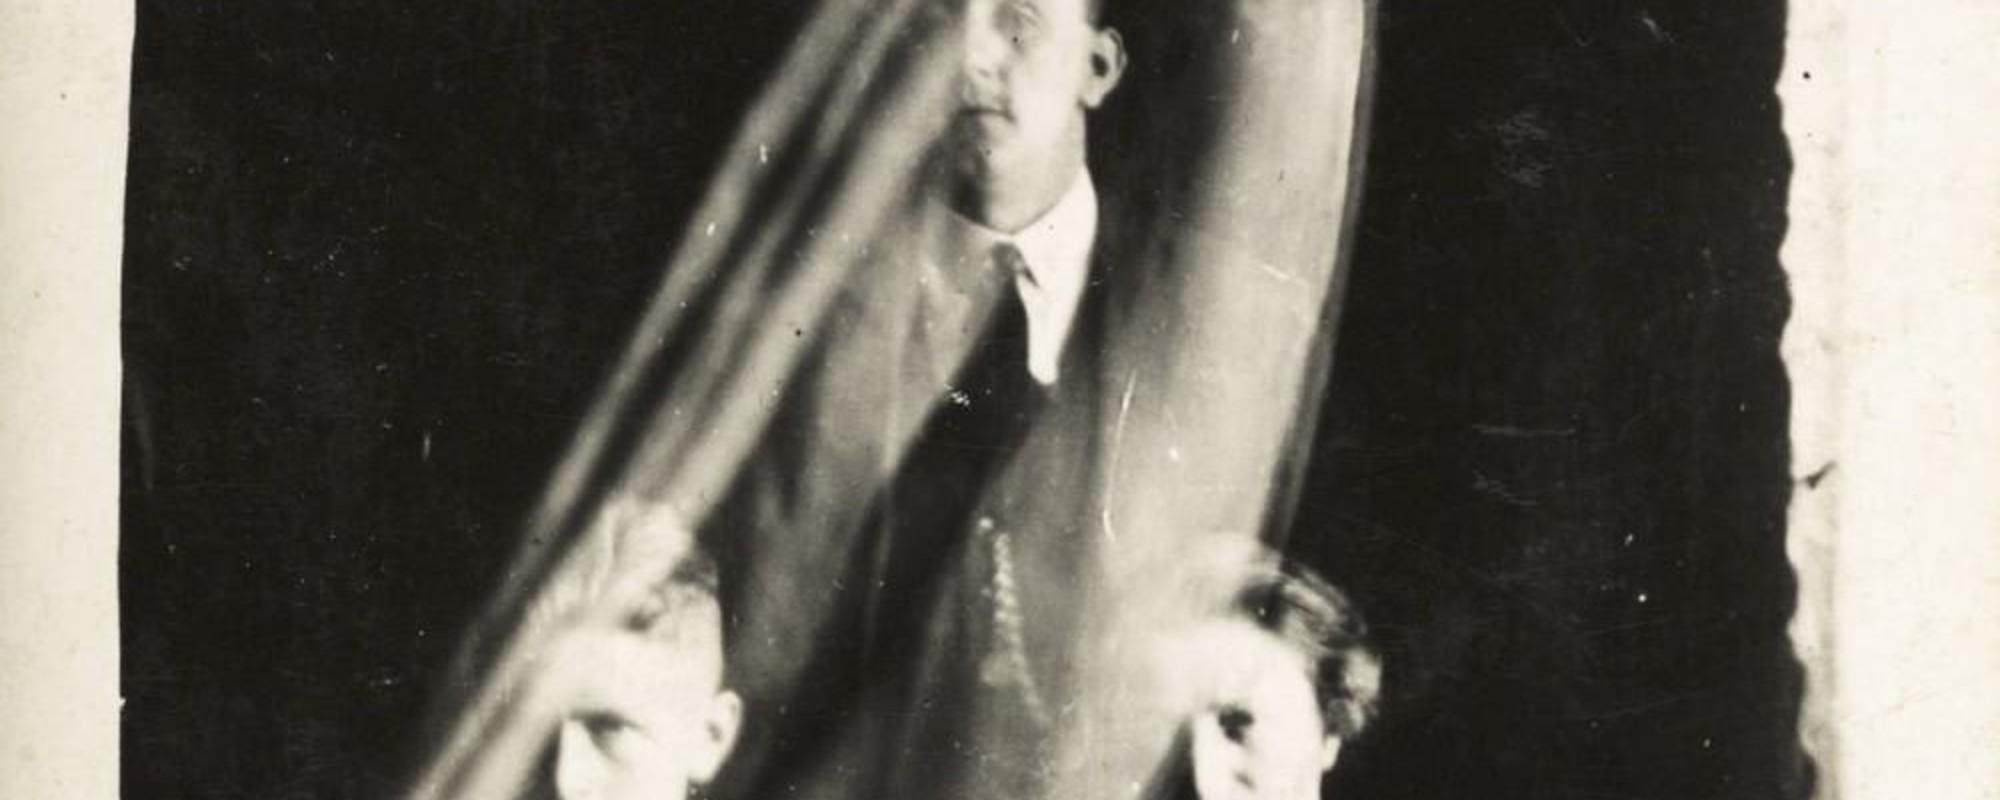 Fotos de fantasmas de principios del siglo XX